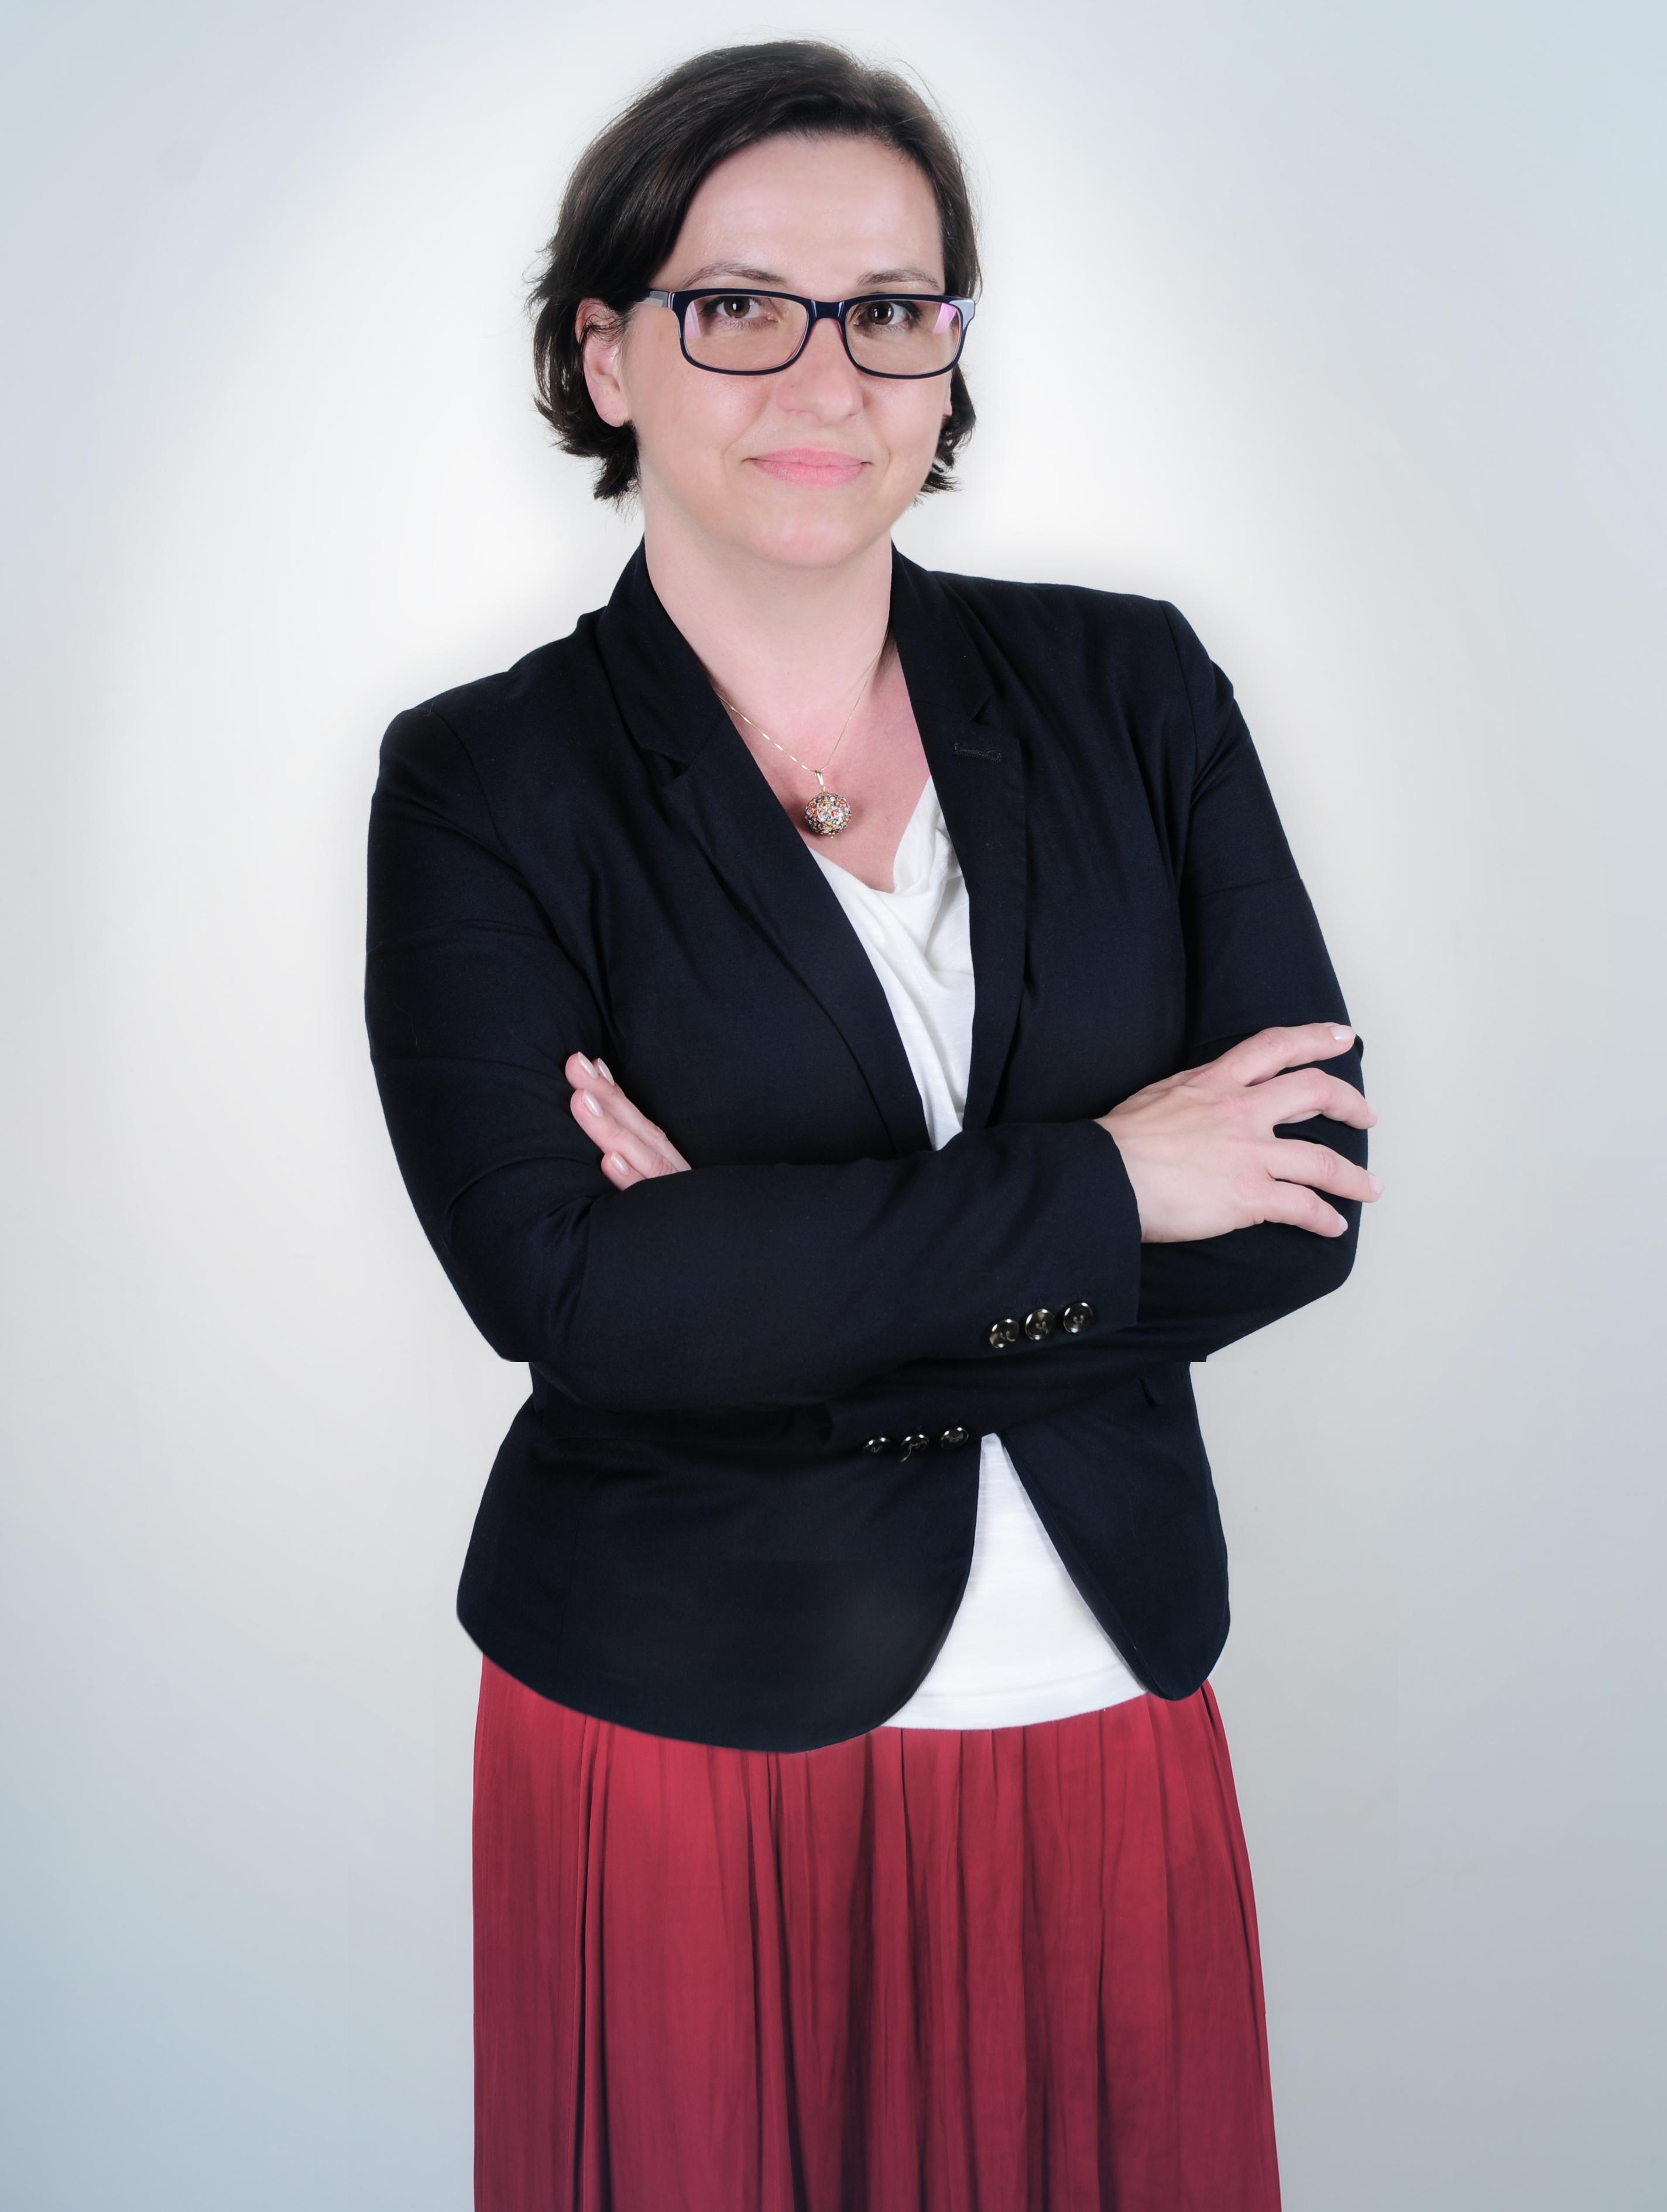 Monika Kwiecińska-Zdrenka